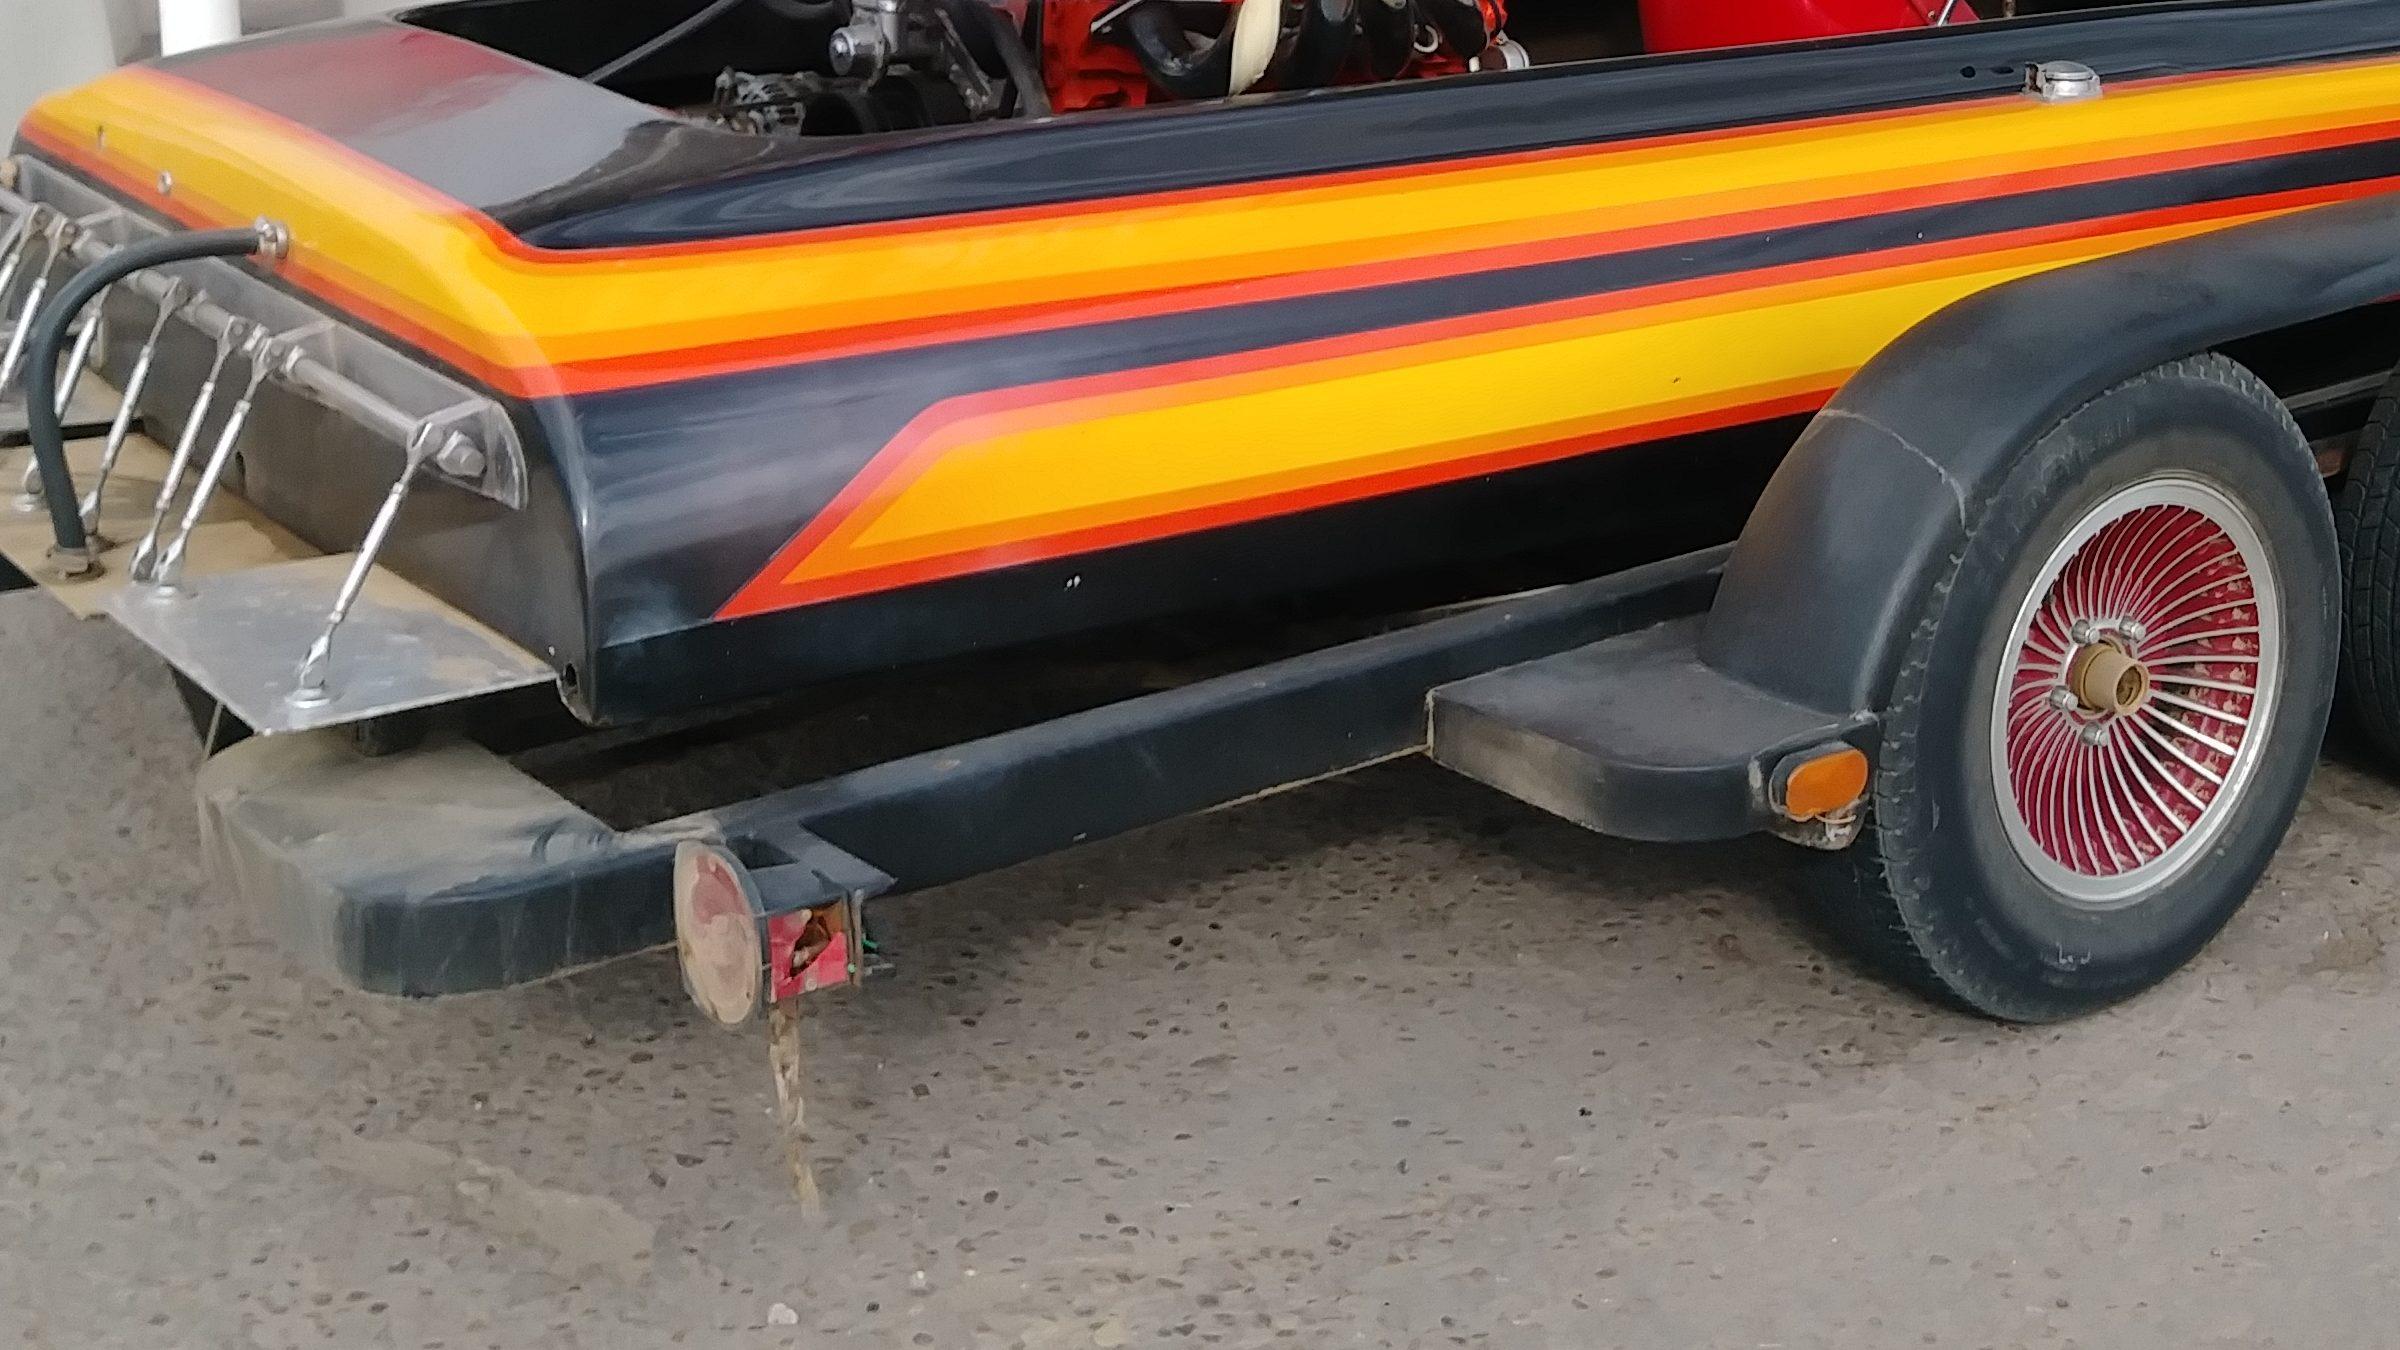 Hondo Runner-bottom drag boat